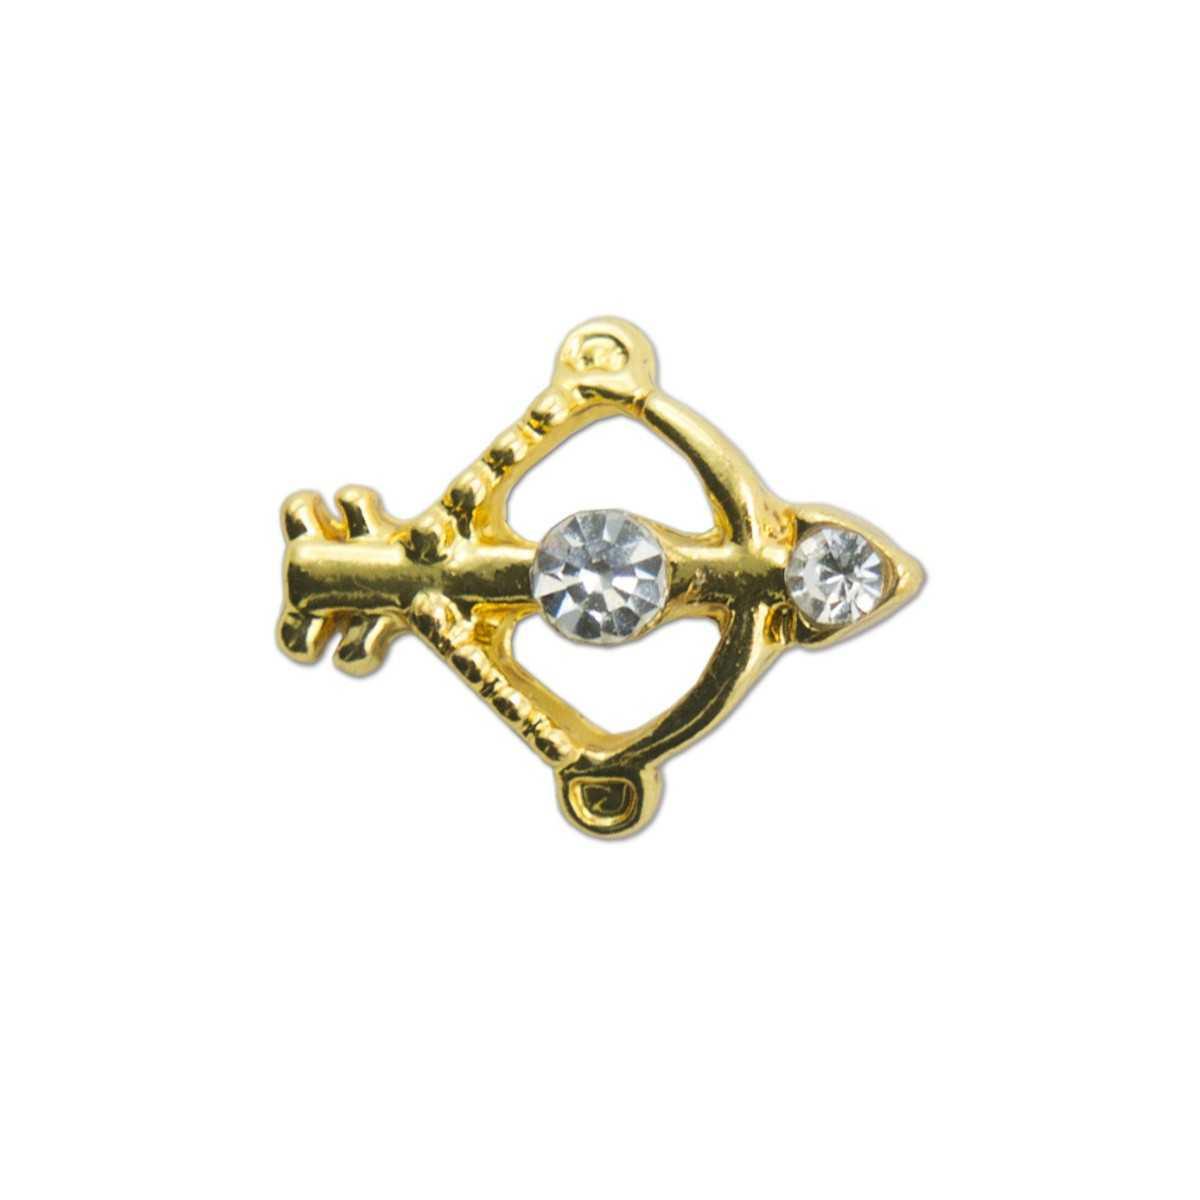 https://www.kit-manucure.com/1660-thickbox_default/bijoux-pour-ongles-arc-de-cupidon-doré.jpg